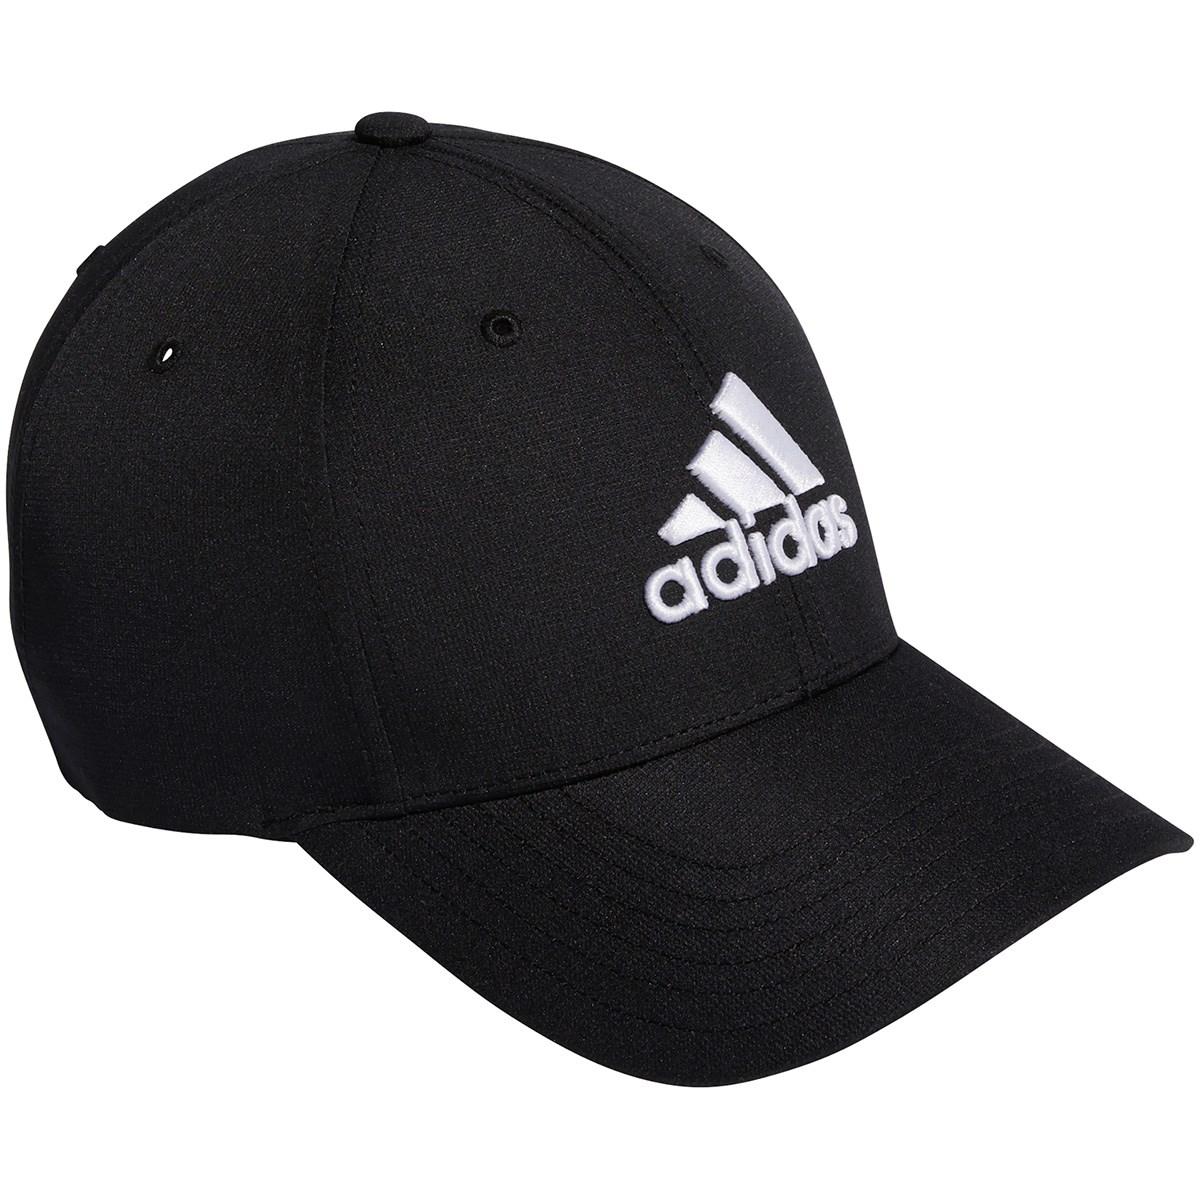 アディダス Adidas パフォーマンスキャップ OSFX ブラック